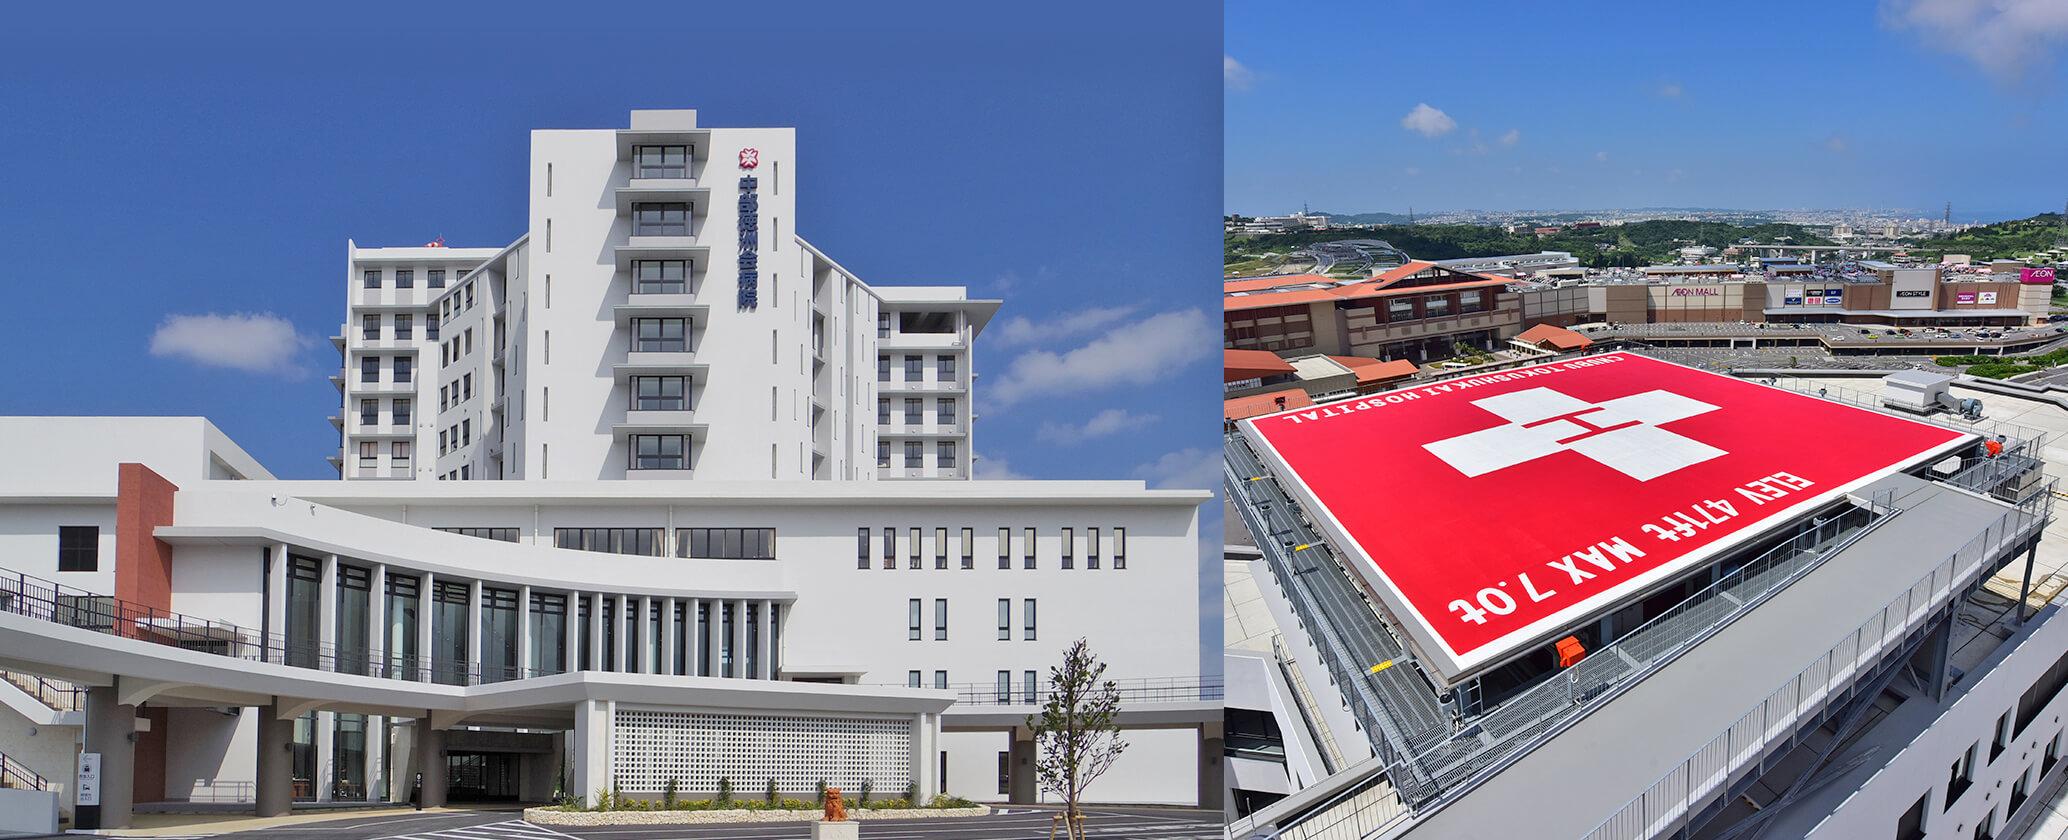 Chubu Tokushukai Hospital